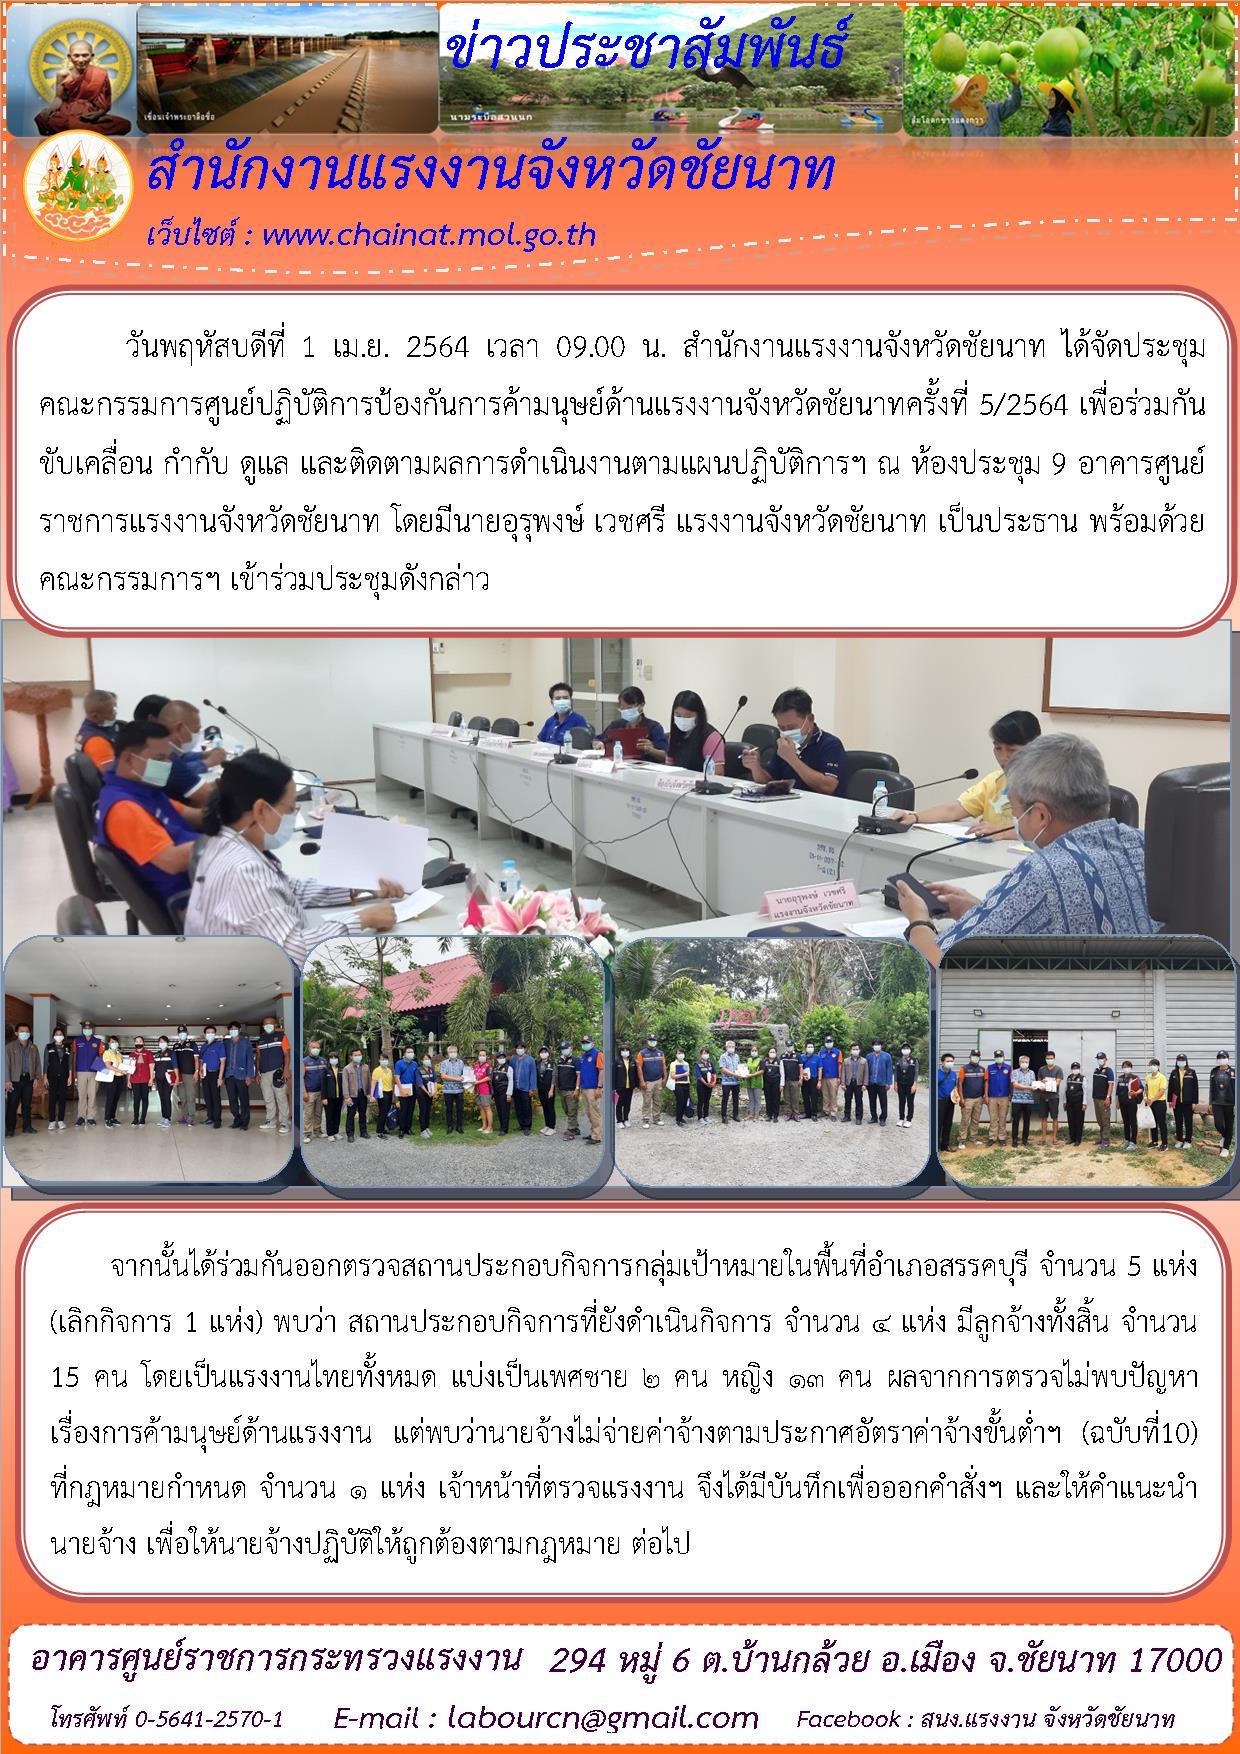 สำนักงานแรงงานจังหวัดชัยนาทจัดการประชุม และออกตรวจการป้องกันการค้ามนุษย์ด้านแรงงานจังหวัดชัยนาท ครั้งที่ 5/2564